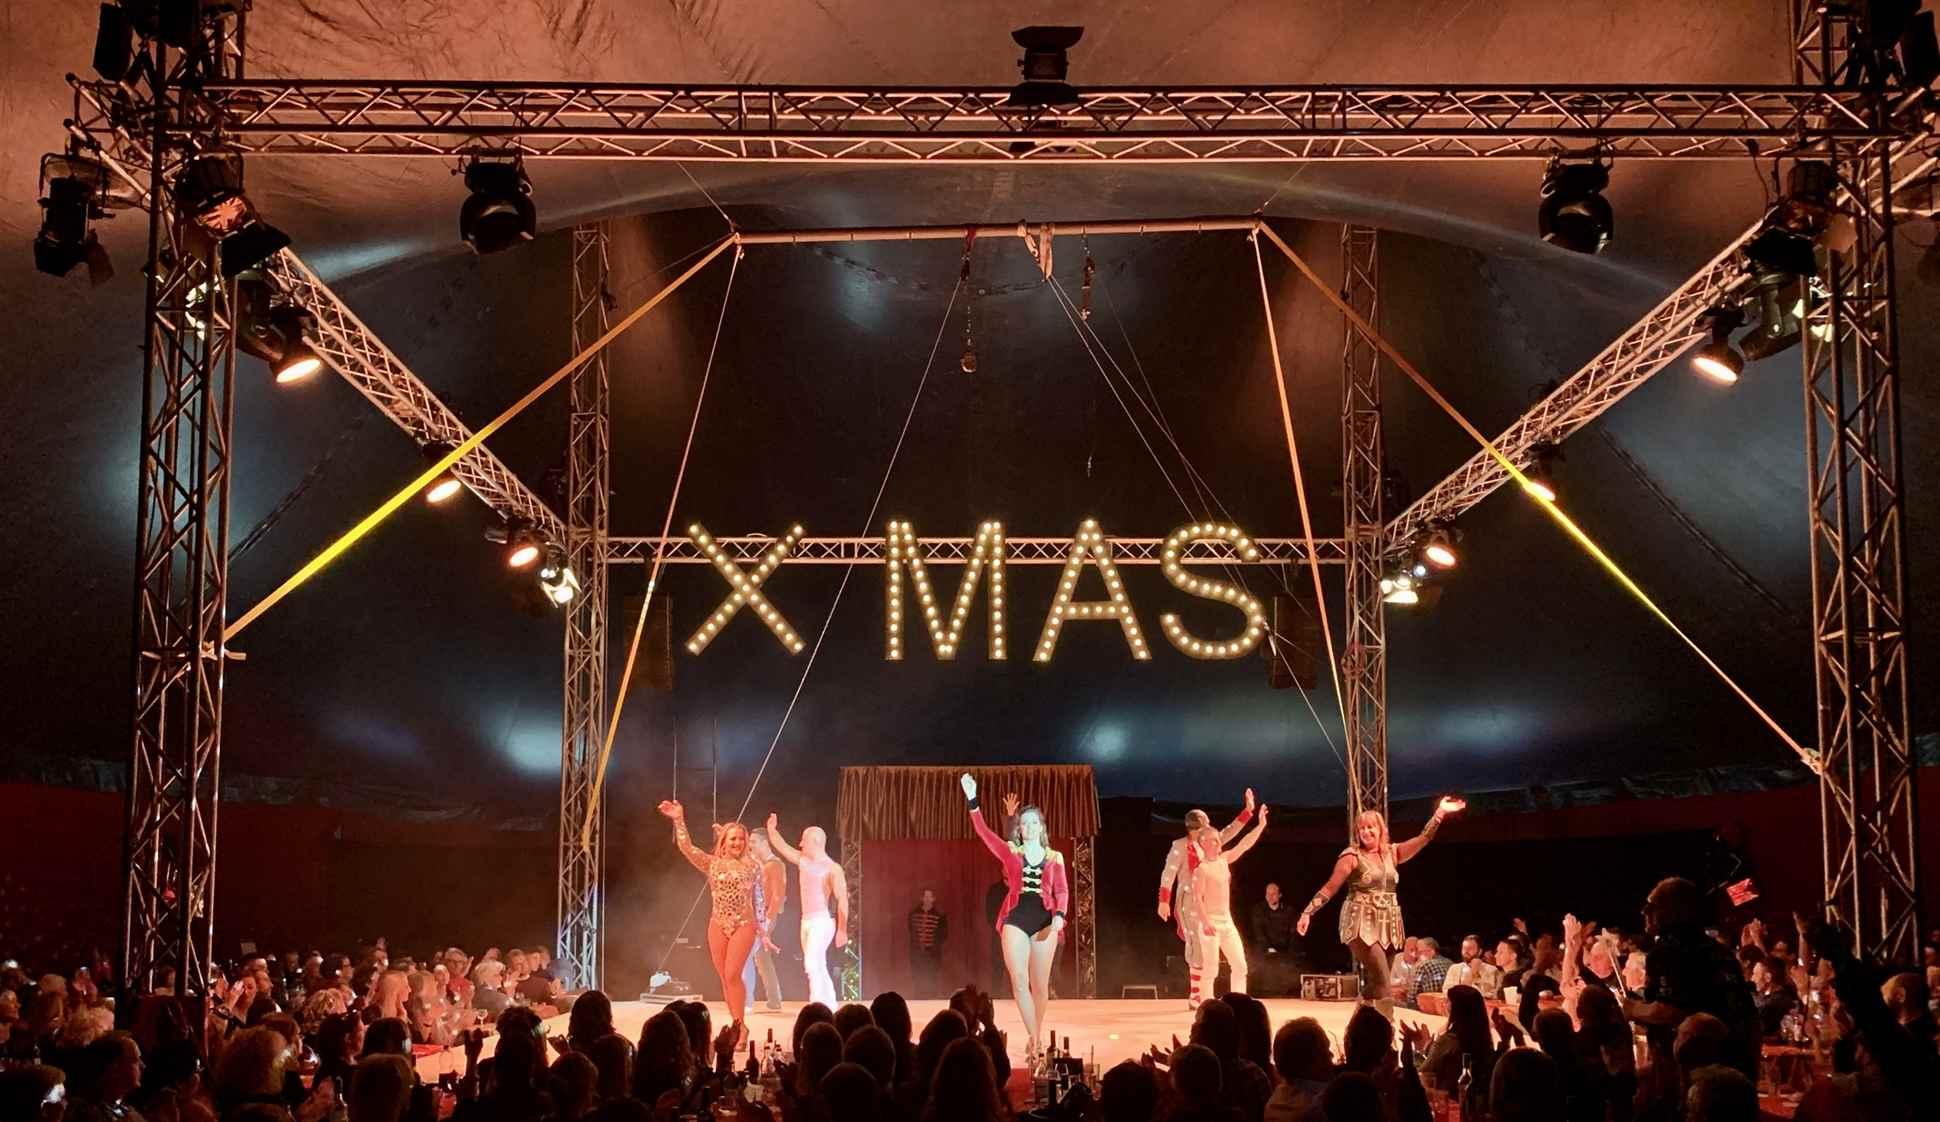 Zirkus Weihnachtsfeierzauber Hamburg Deutschlands größte Dinnershow